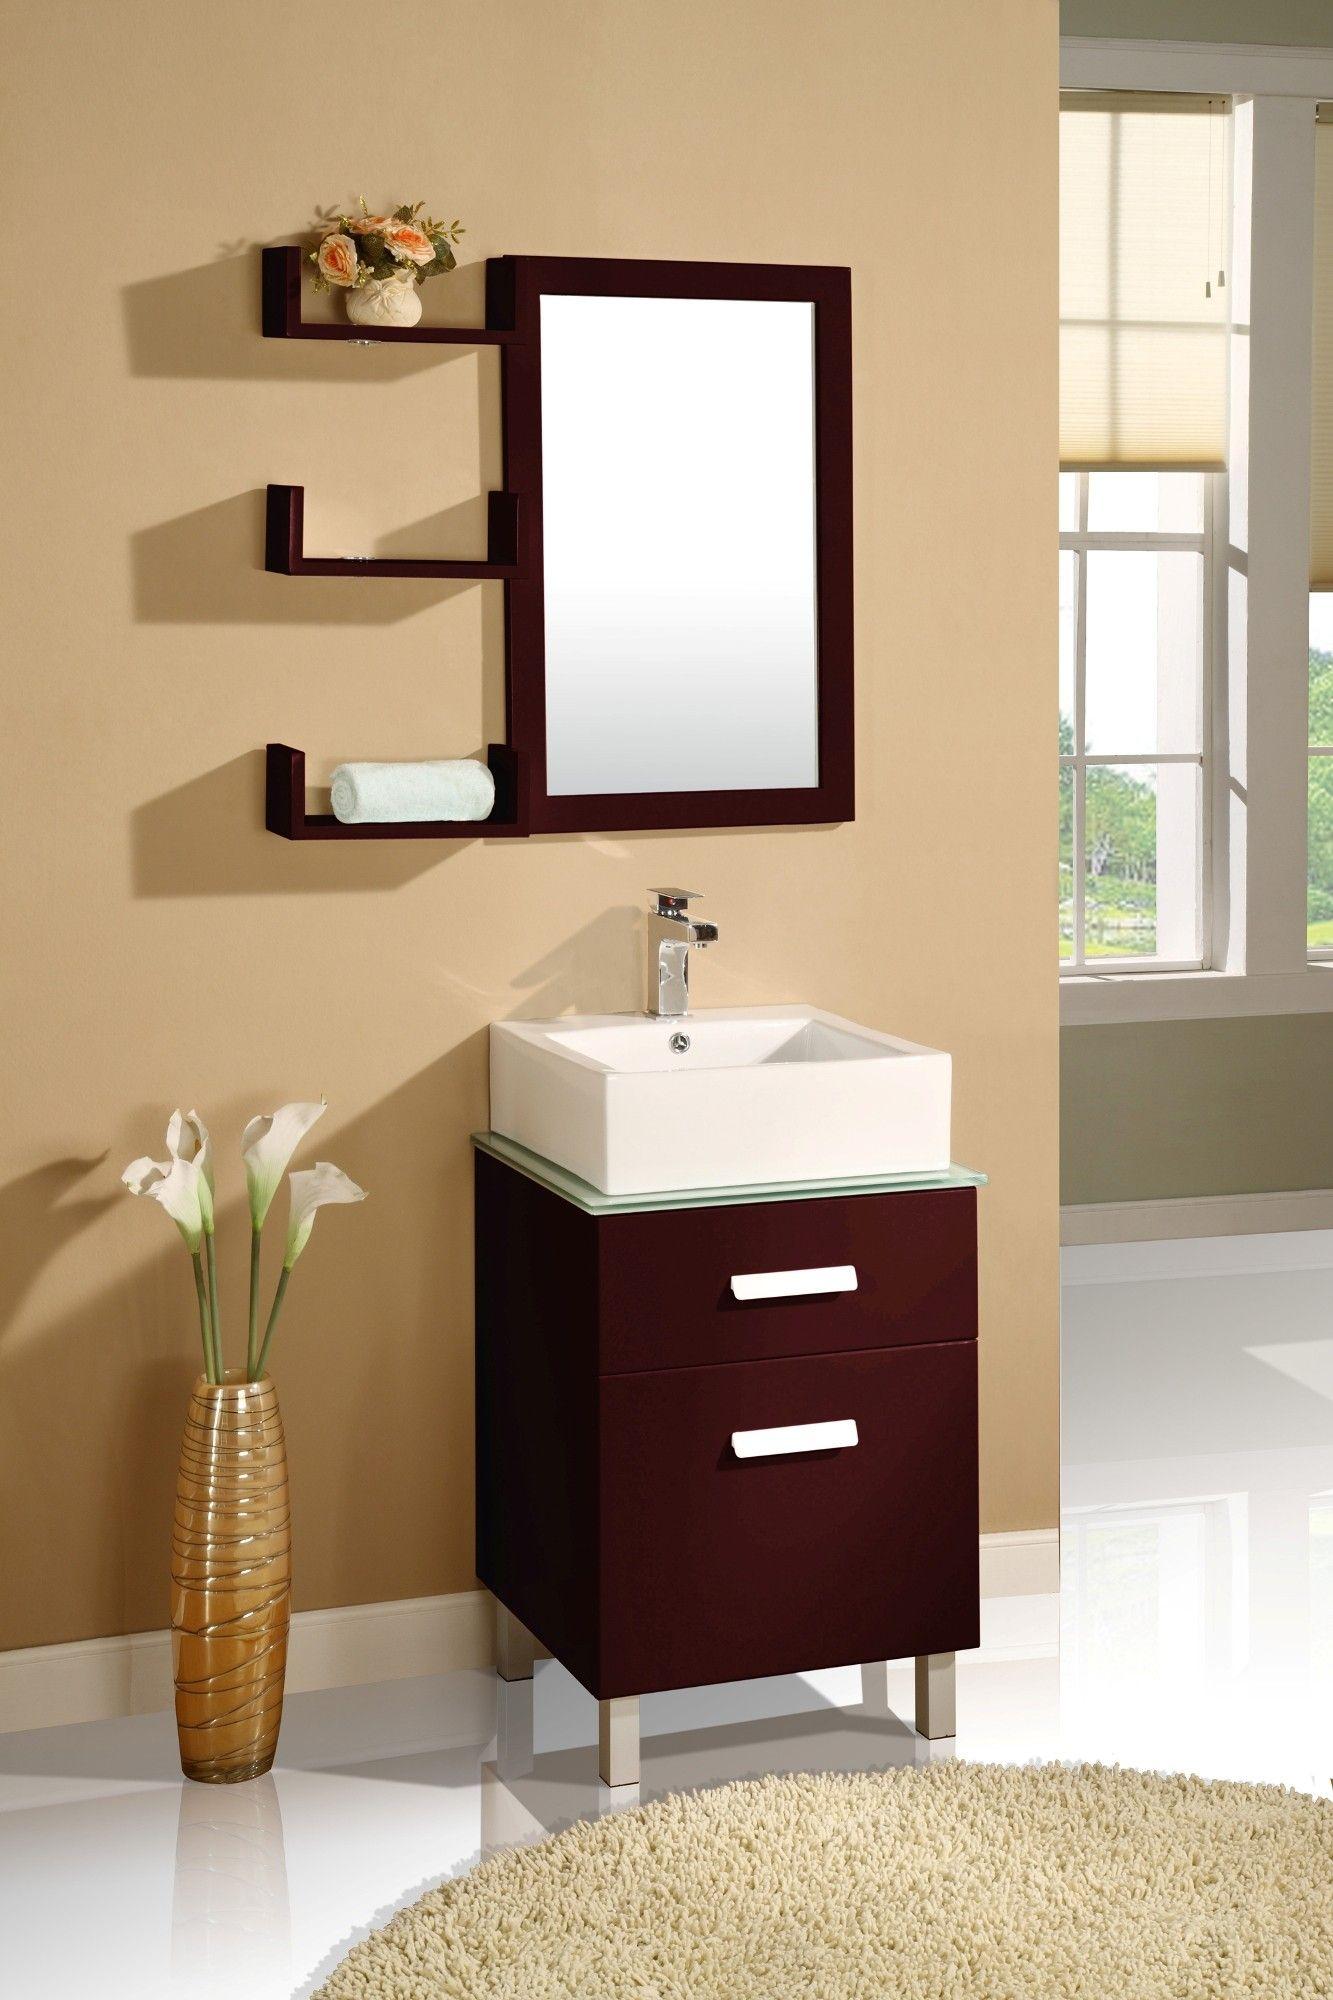 Aqua Decor Cabritzo 20 Inch Modern Bathroom Vanity Set W Matching